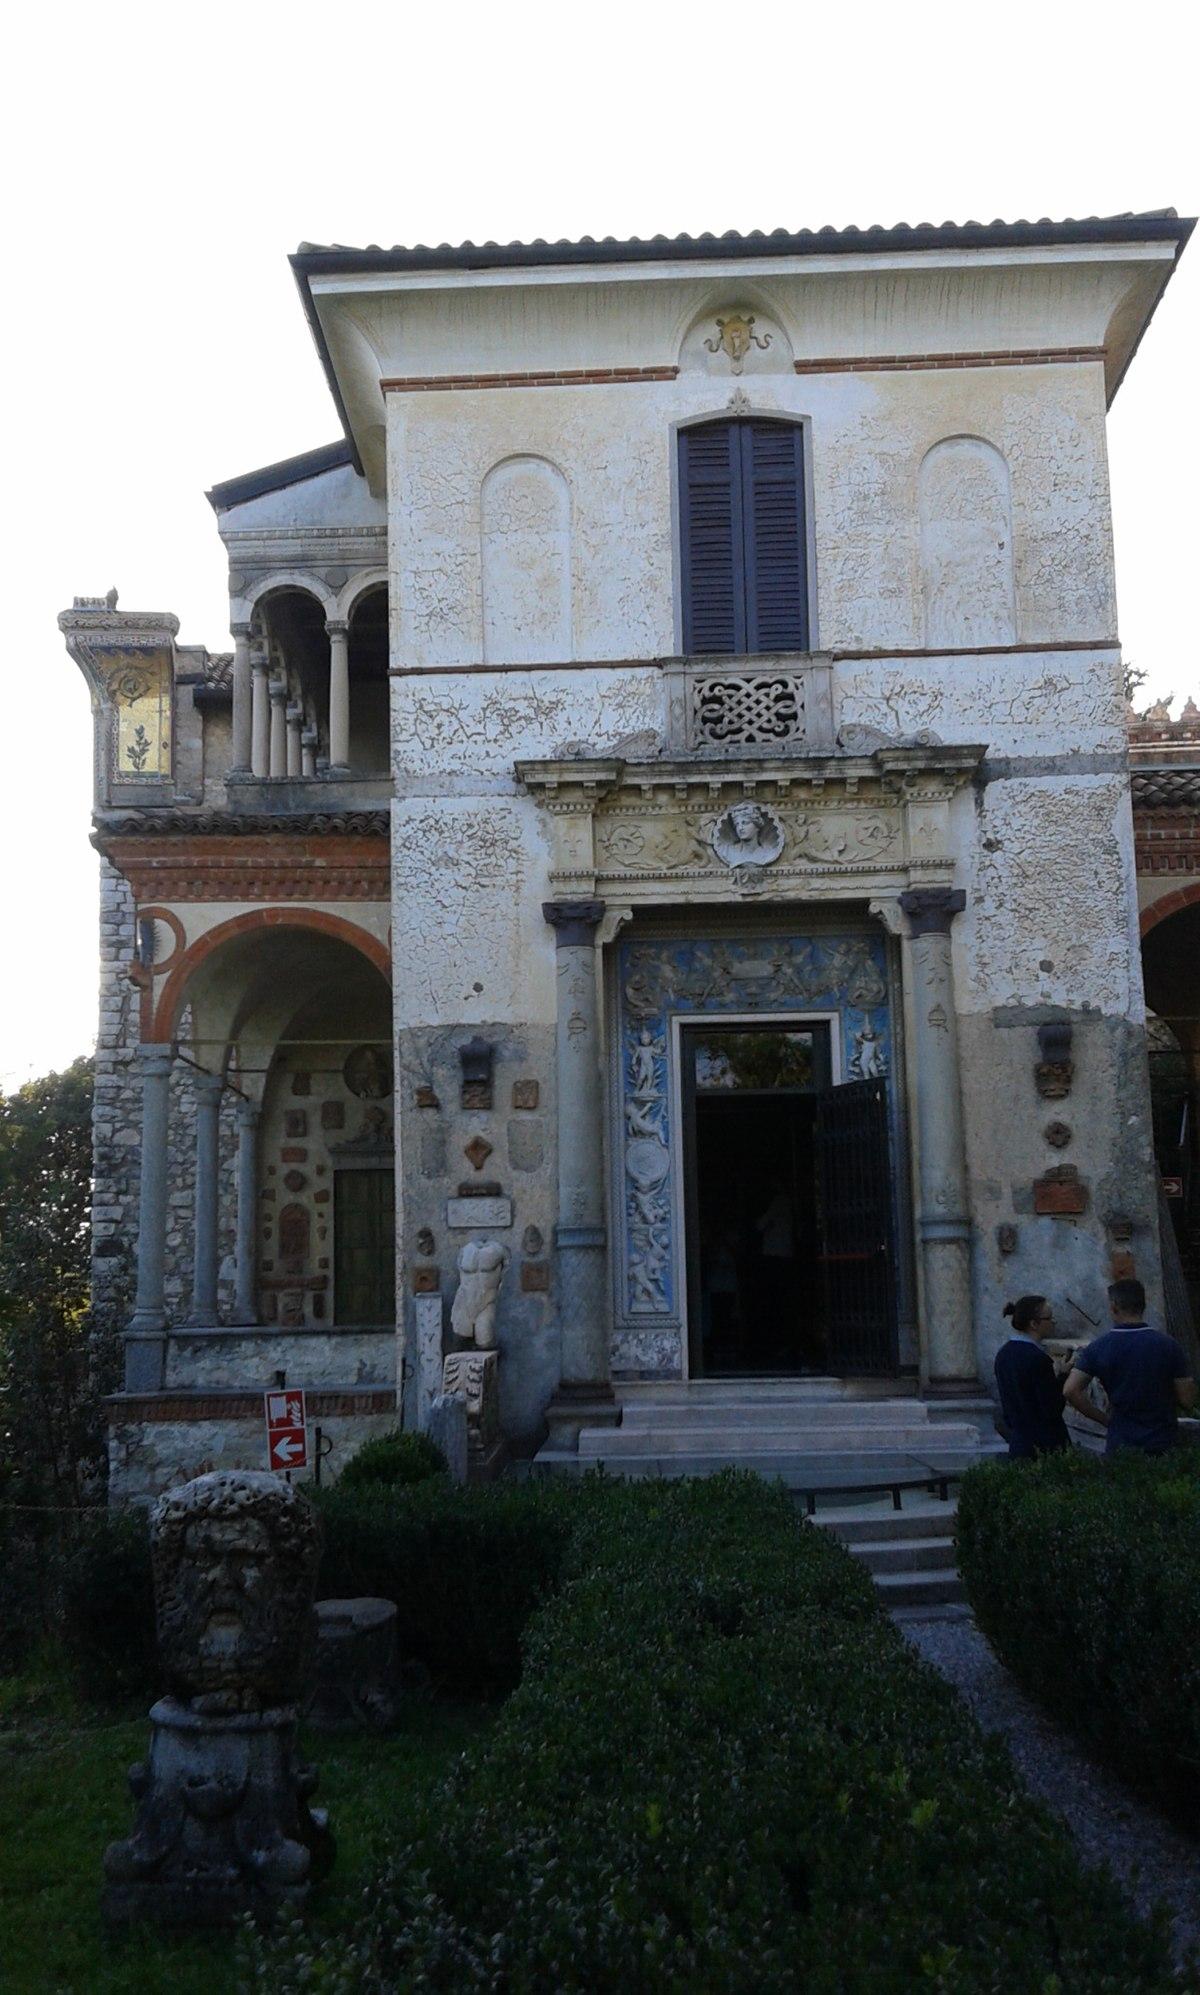 La casa in vendita - 1 7